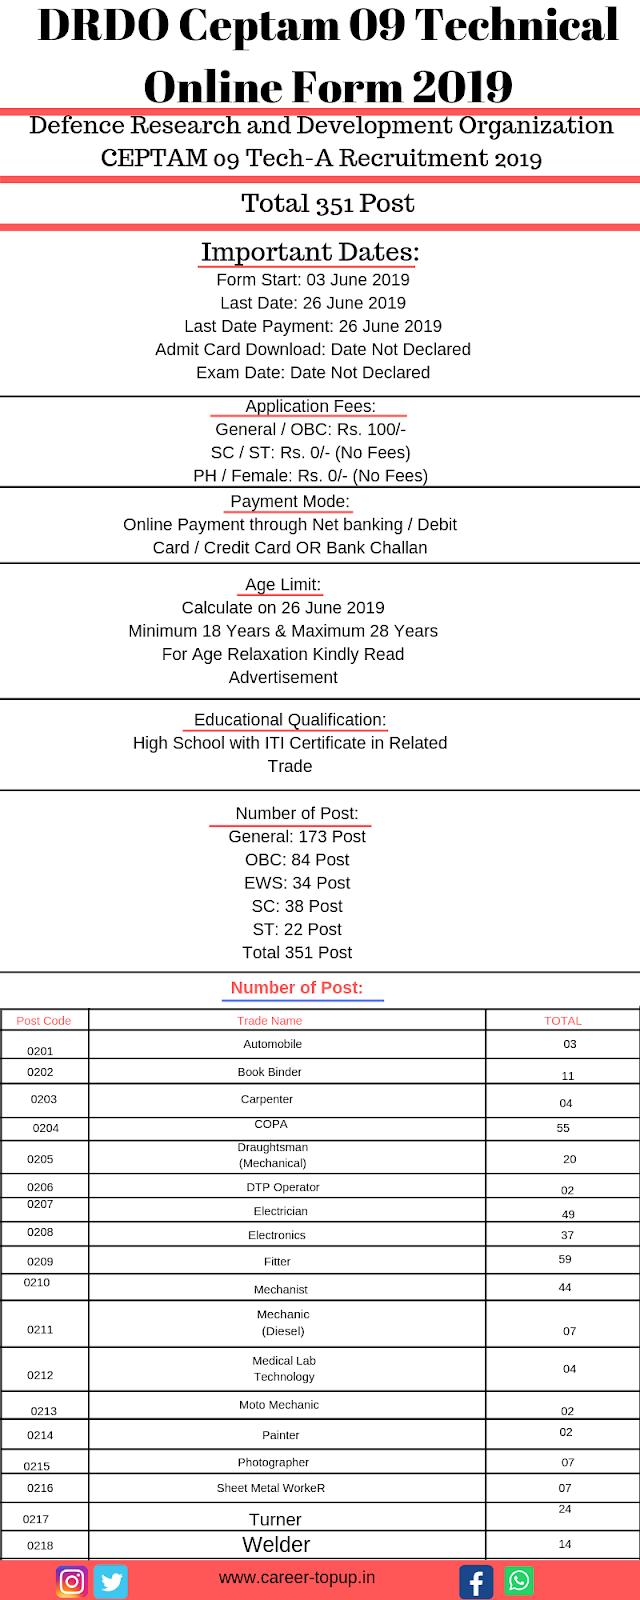 DRDO Ceptam 09 Technical Online Form 2019{EXAM}